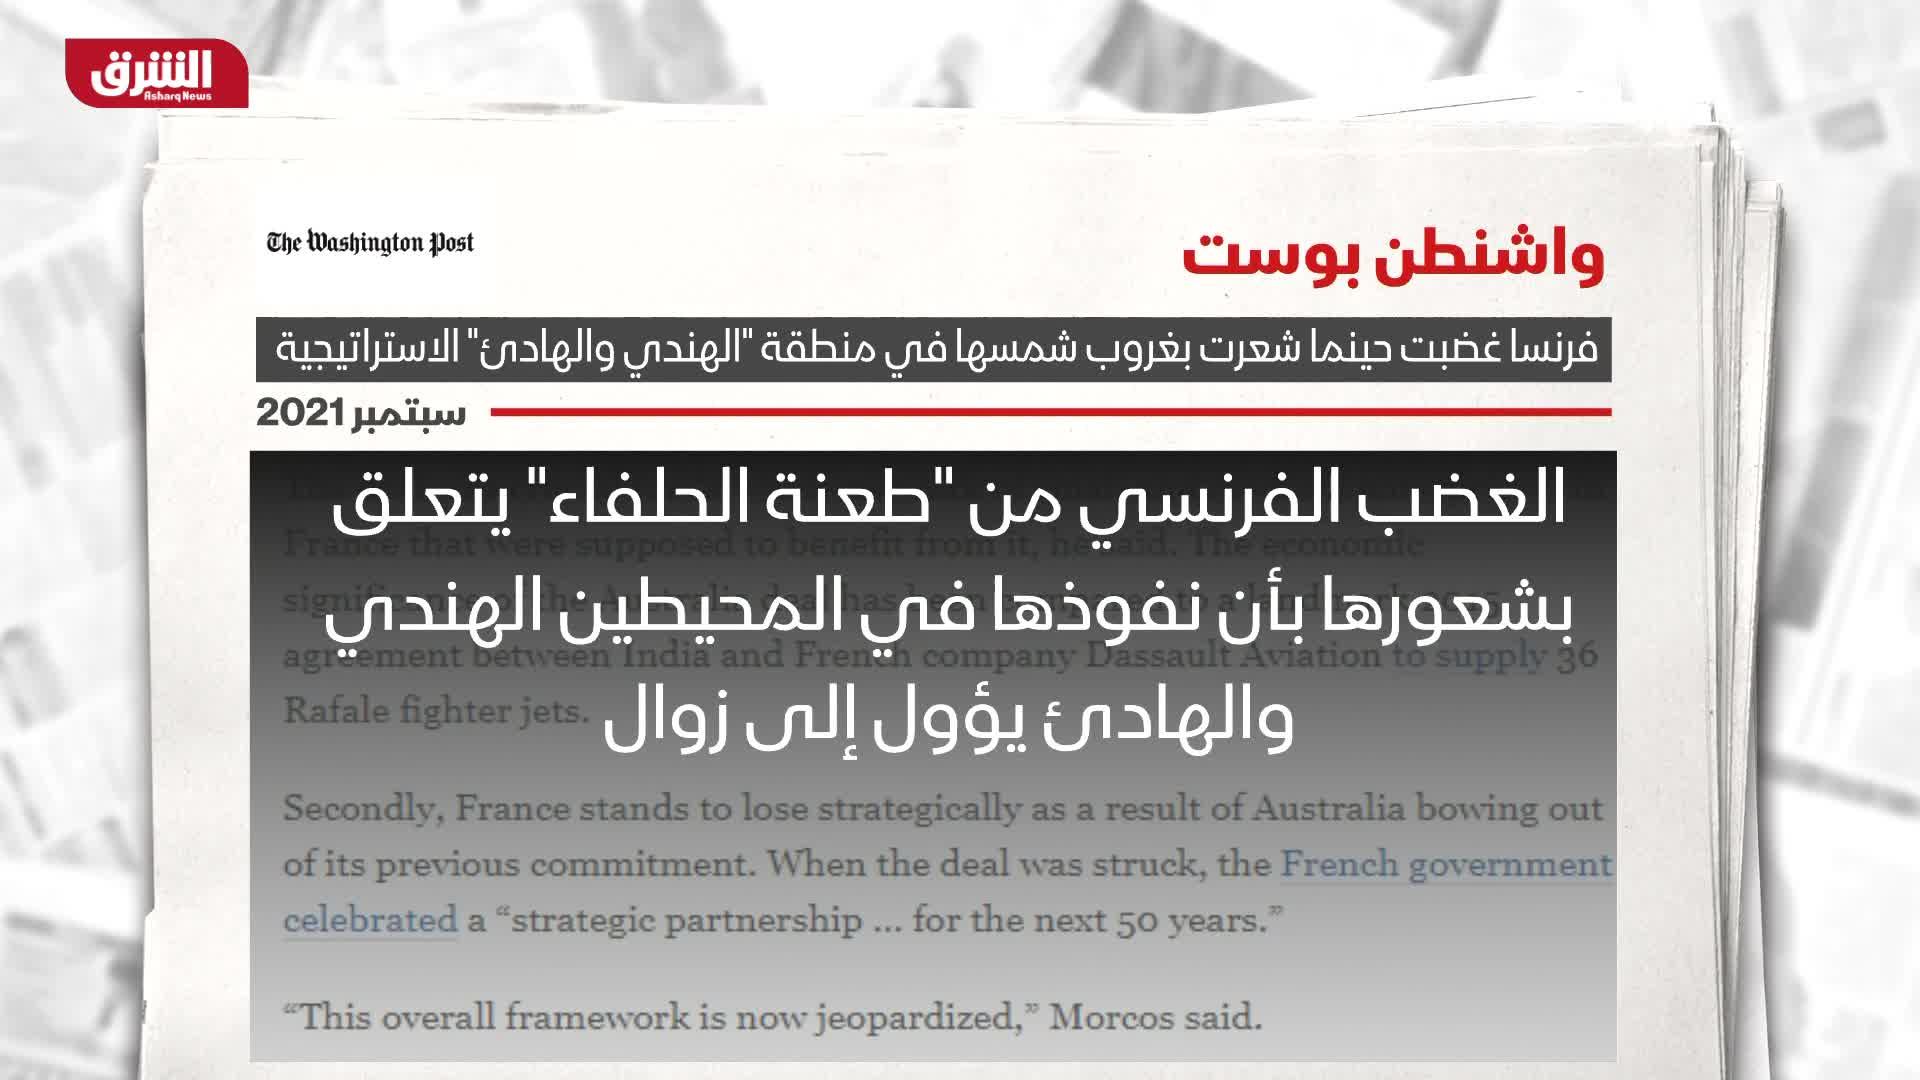 """واشنطن بوست: فرنسا غضبت حينما شعرت بغروب شمسها في منطقة """"الهندي والهادئ"""" الاستراتيجية"""